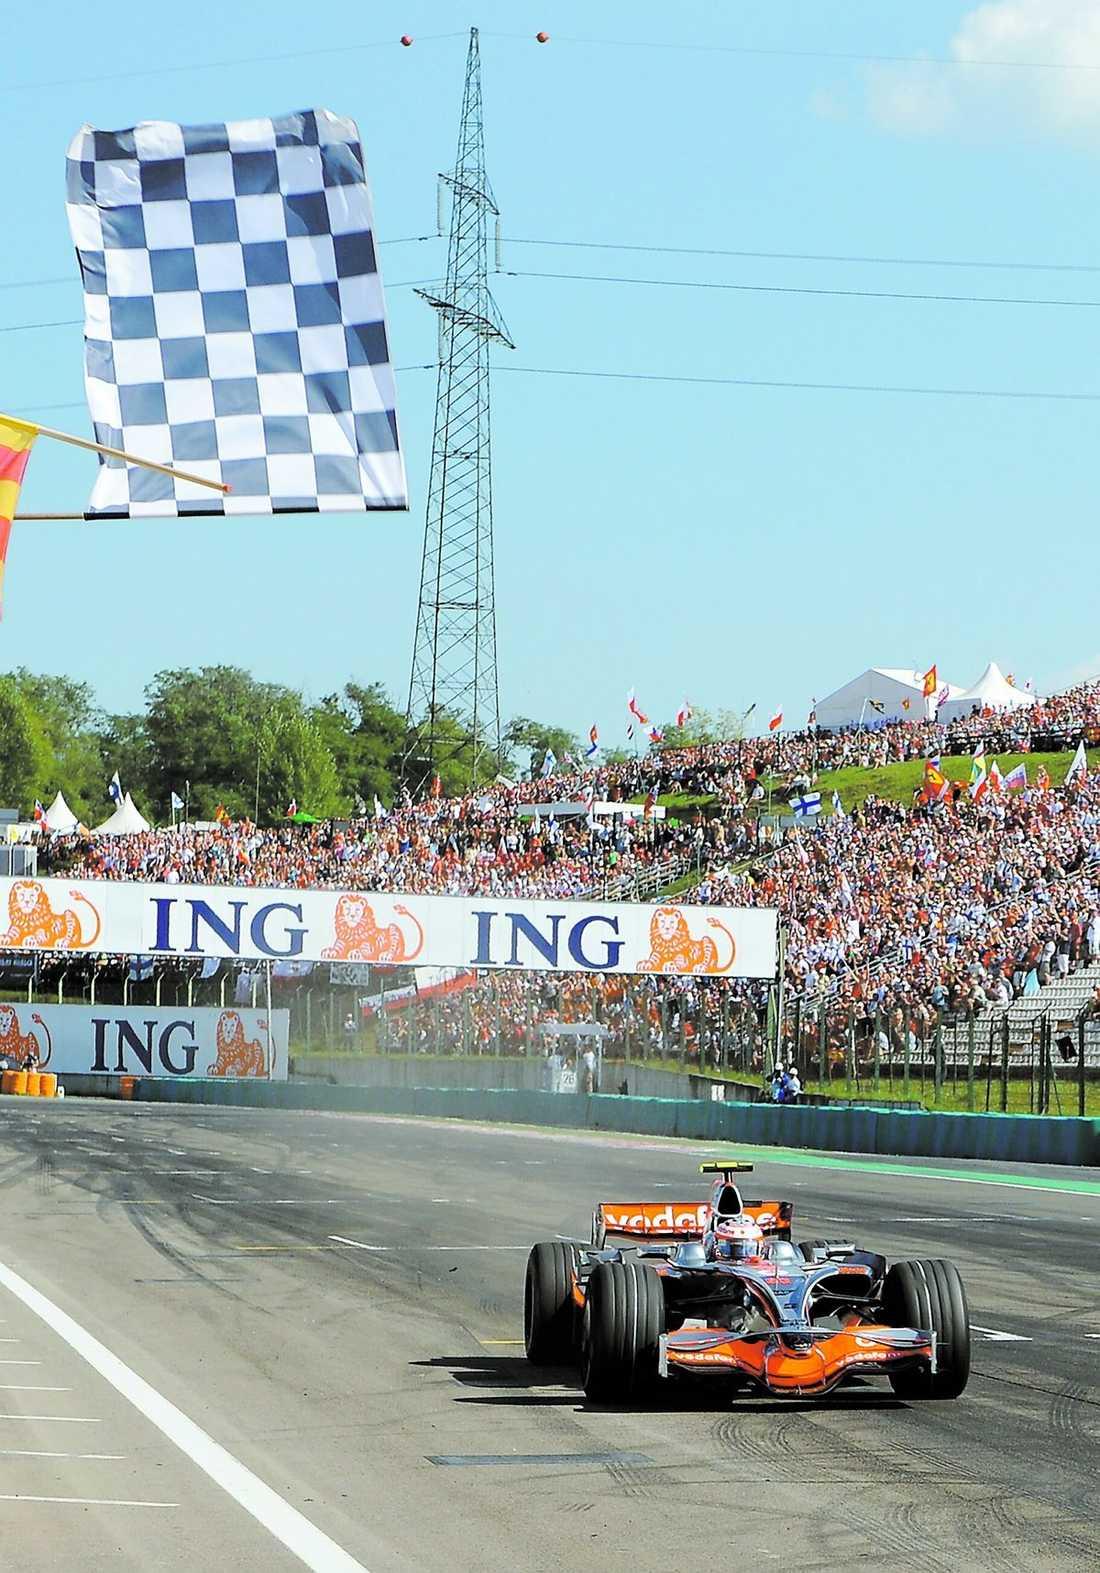 FÖRSTA SEGERN Heikki Kovalainen korsar mållinjen i Ungerns GP-lopp. Det var den 26-årige finländarens första seger i sitt 28:e F1-race.